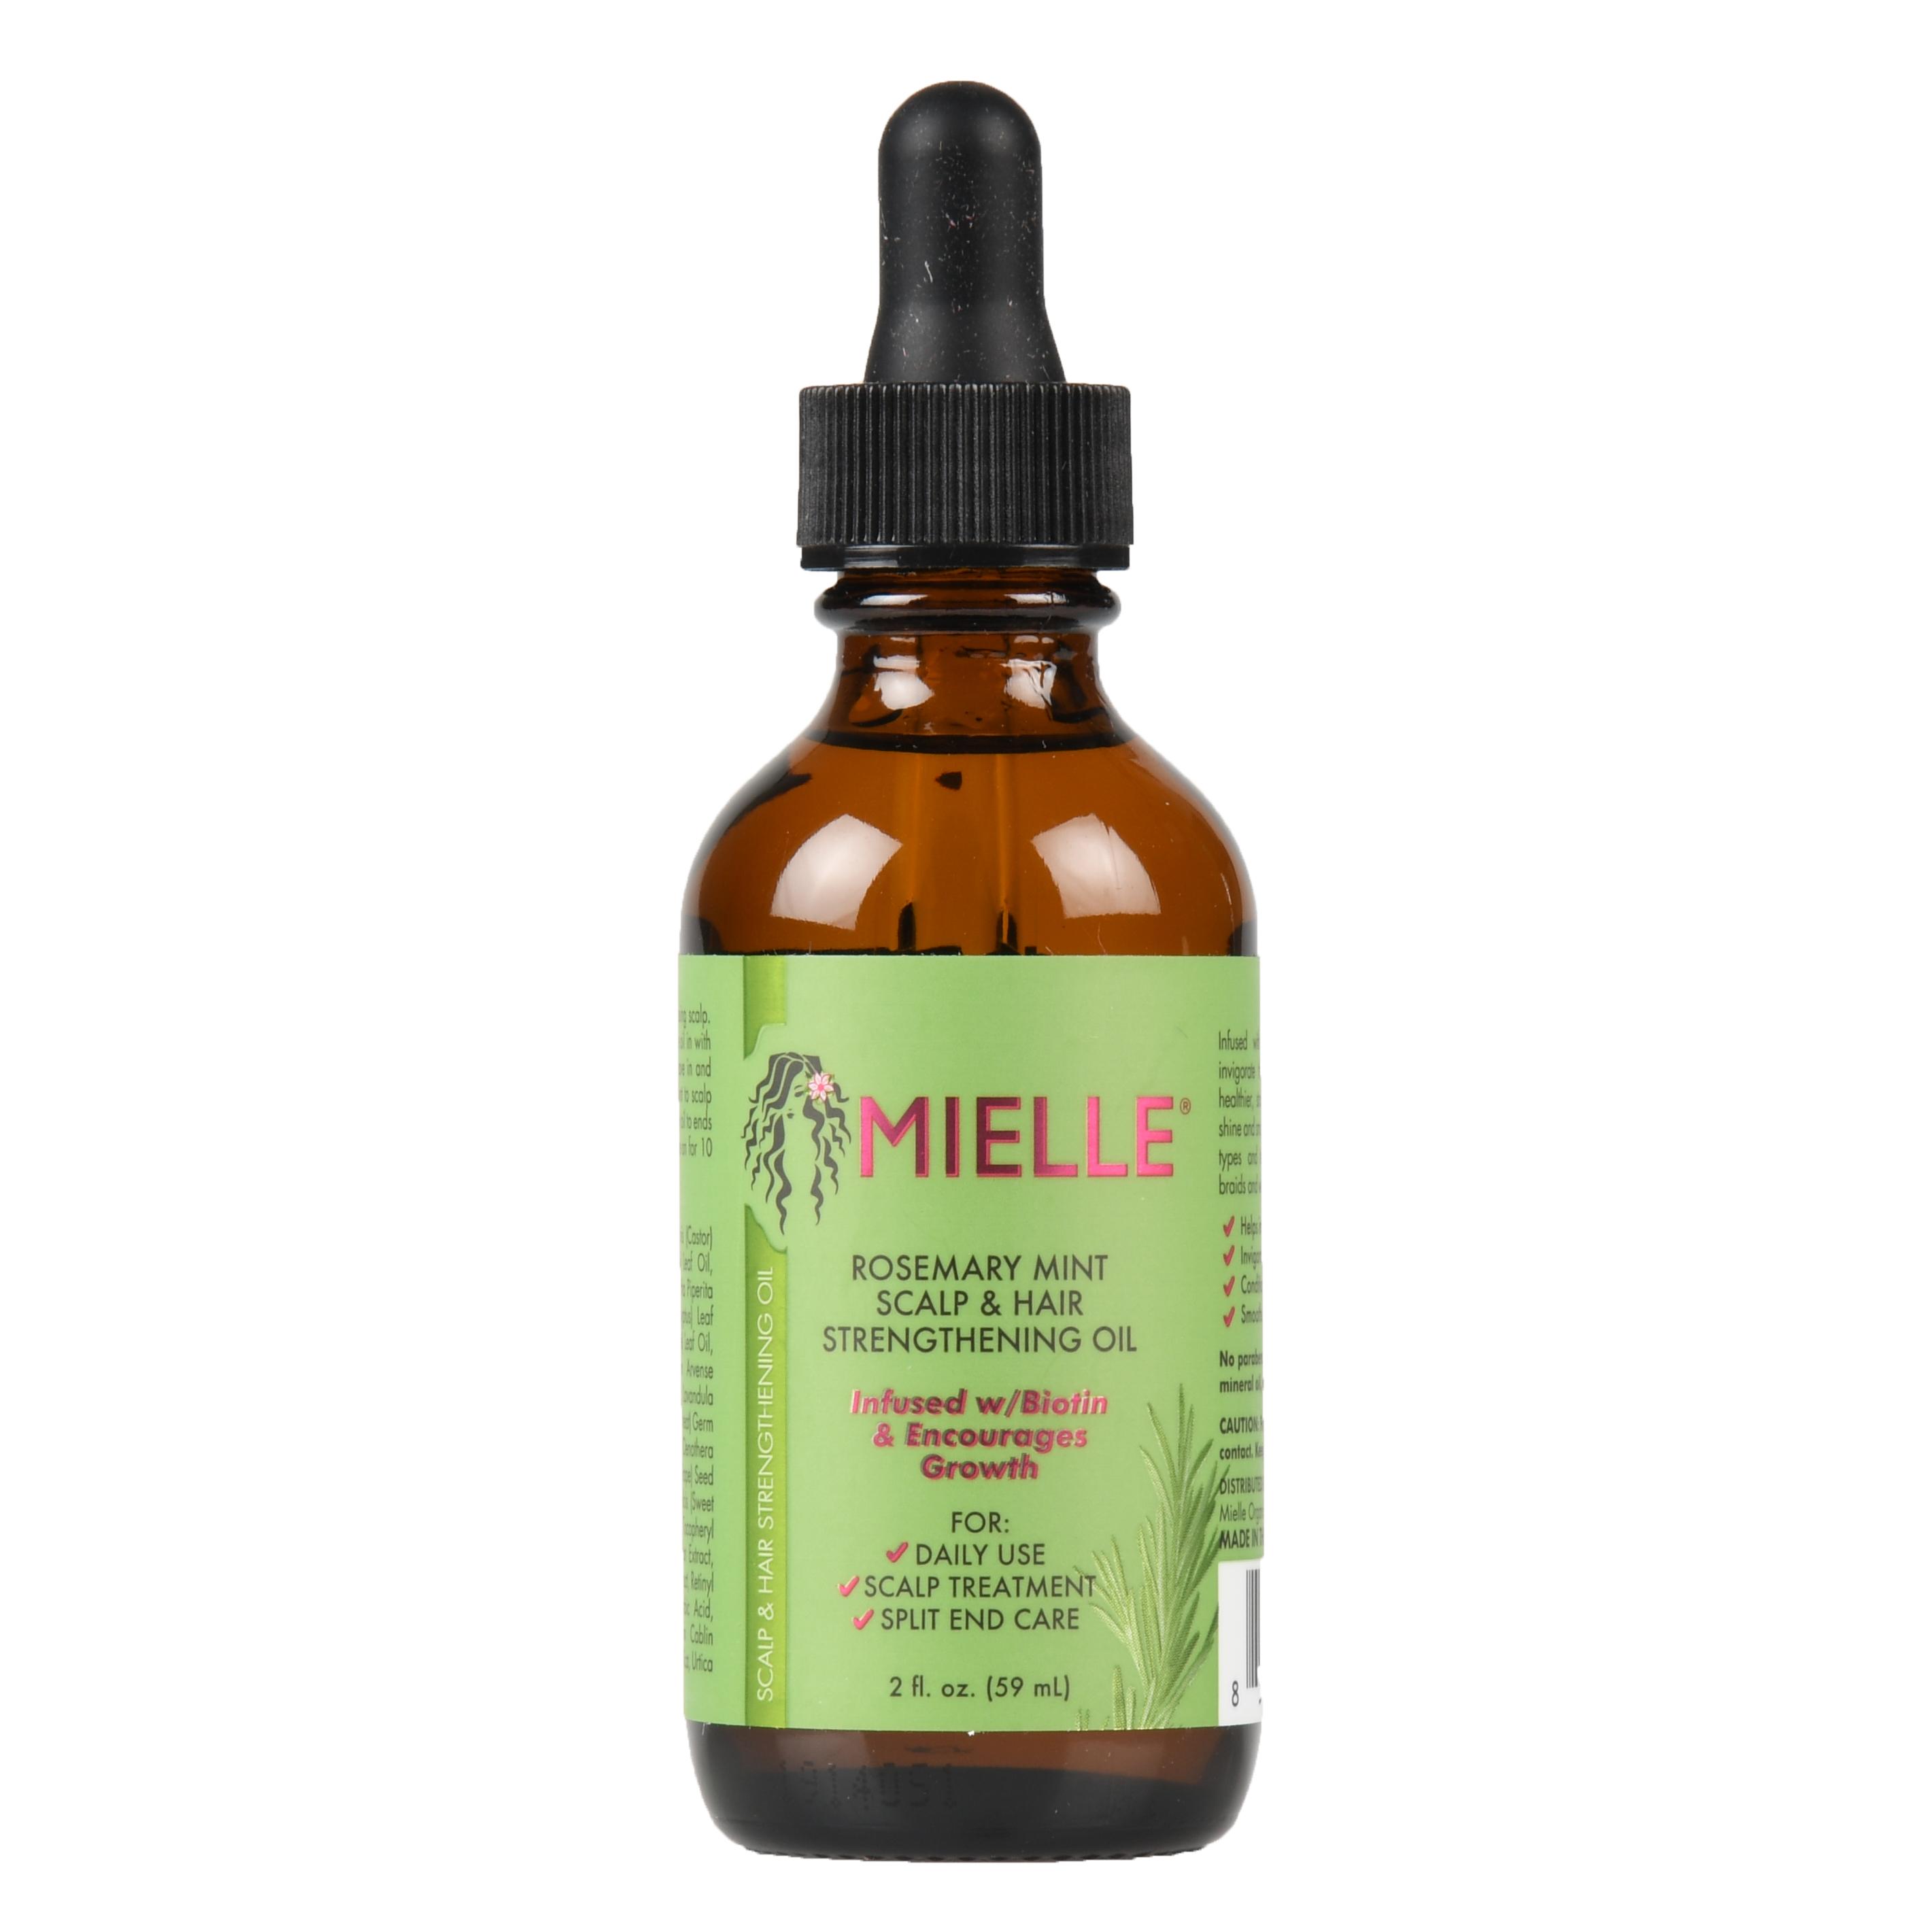 MIELLE Rosemary Mint Scalp & Hair Strengthening Oil